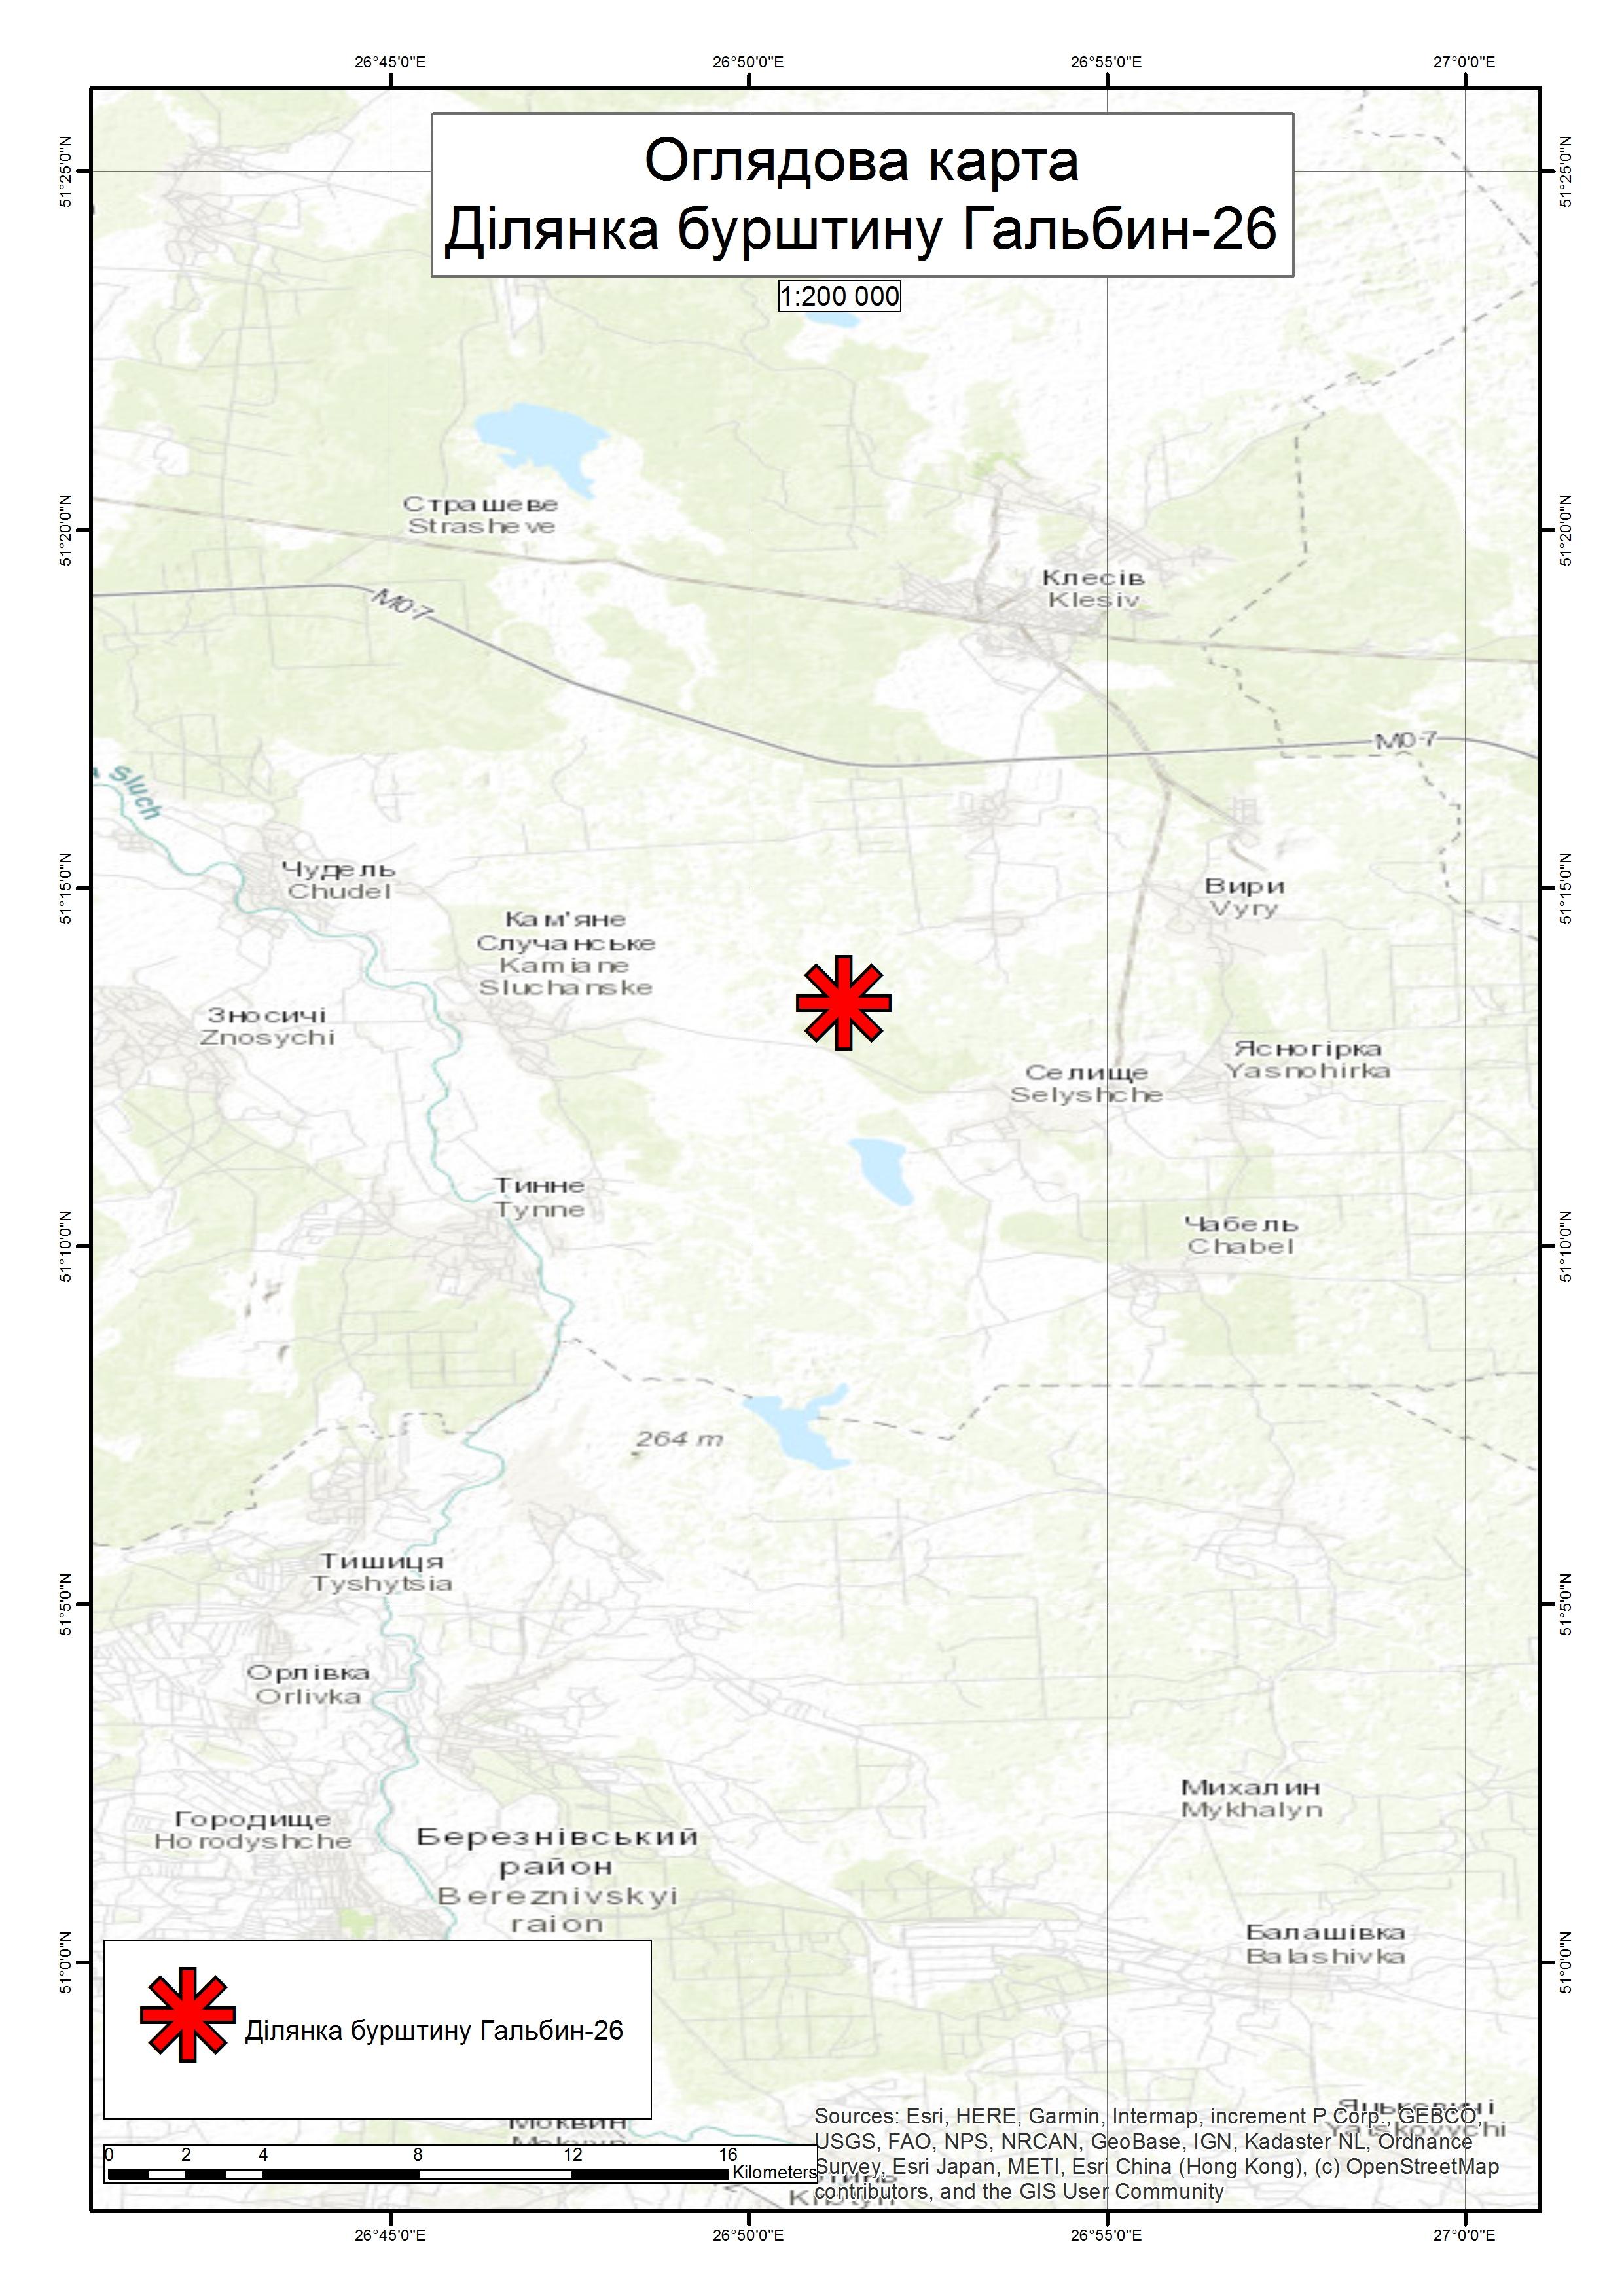 Спеціальний дозвіл на користування надрами – Ділянка Гальбин-26. Вартість геологічної інформації – 102 610,39 грн (з ПДВ). Вартість пакету аукціонної документації – 10 523,14 грн (з ПДВ).